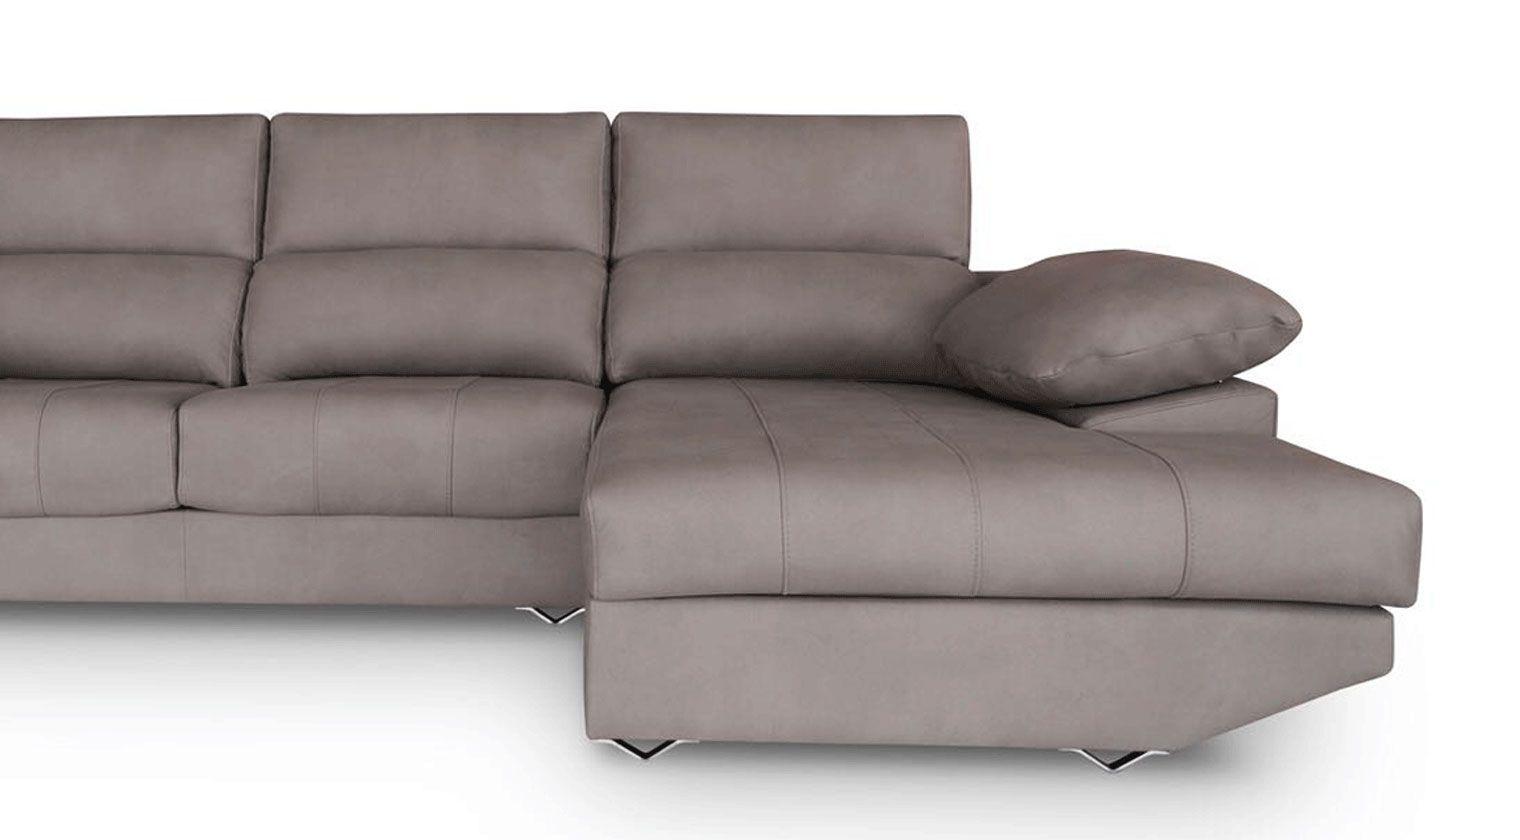 Comprar sof tela invictus chaise longue 4 plazas for Sofas baratos alicante